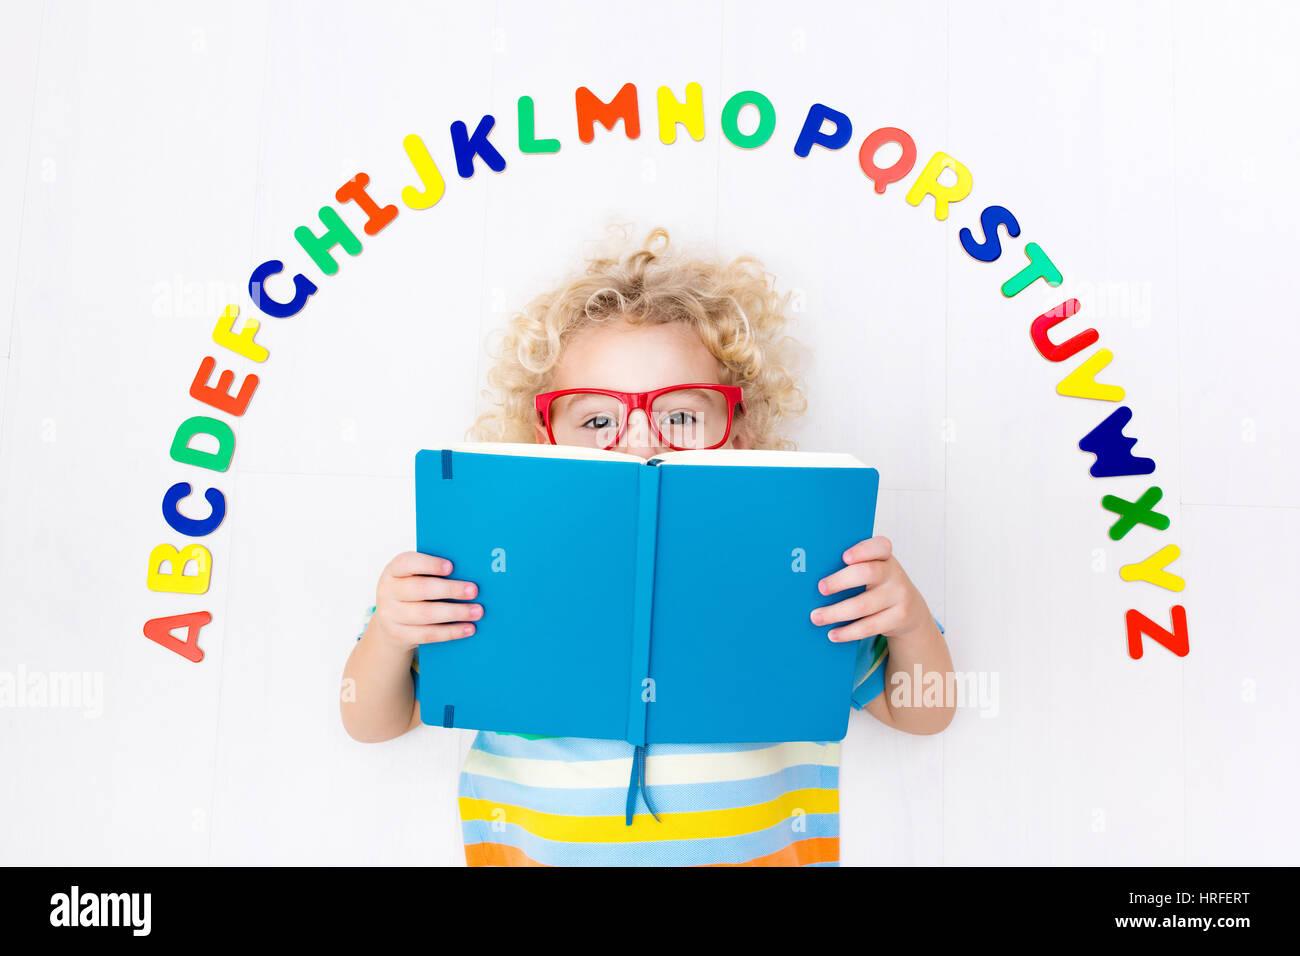 English Class At Kindergarten Child Stock Photos & English Class At ...